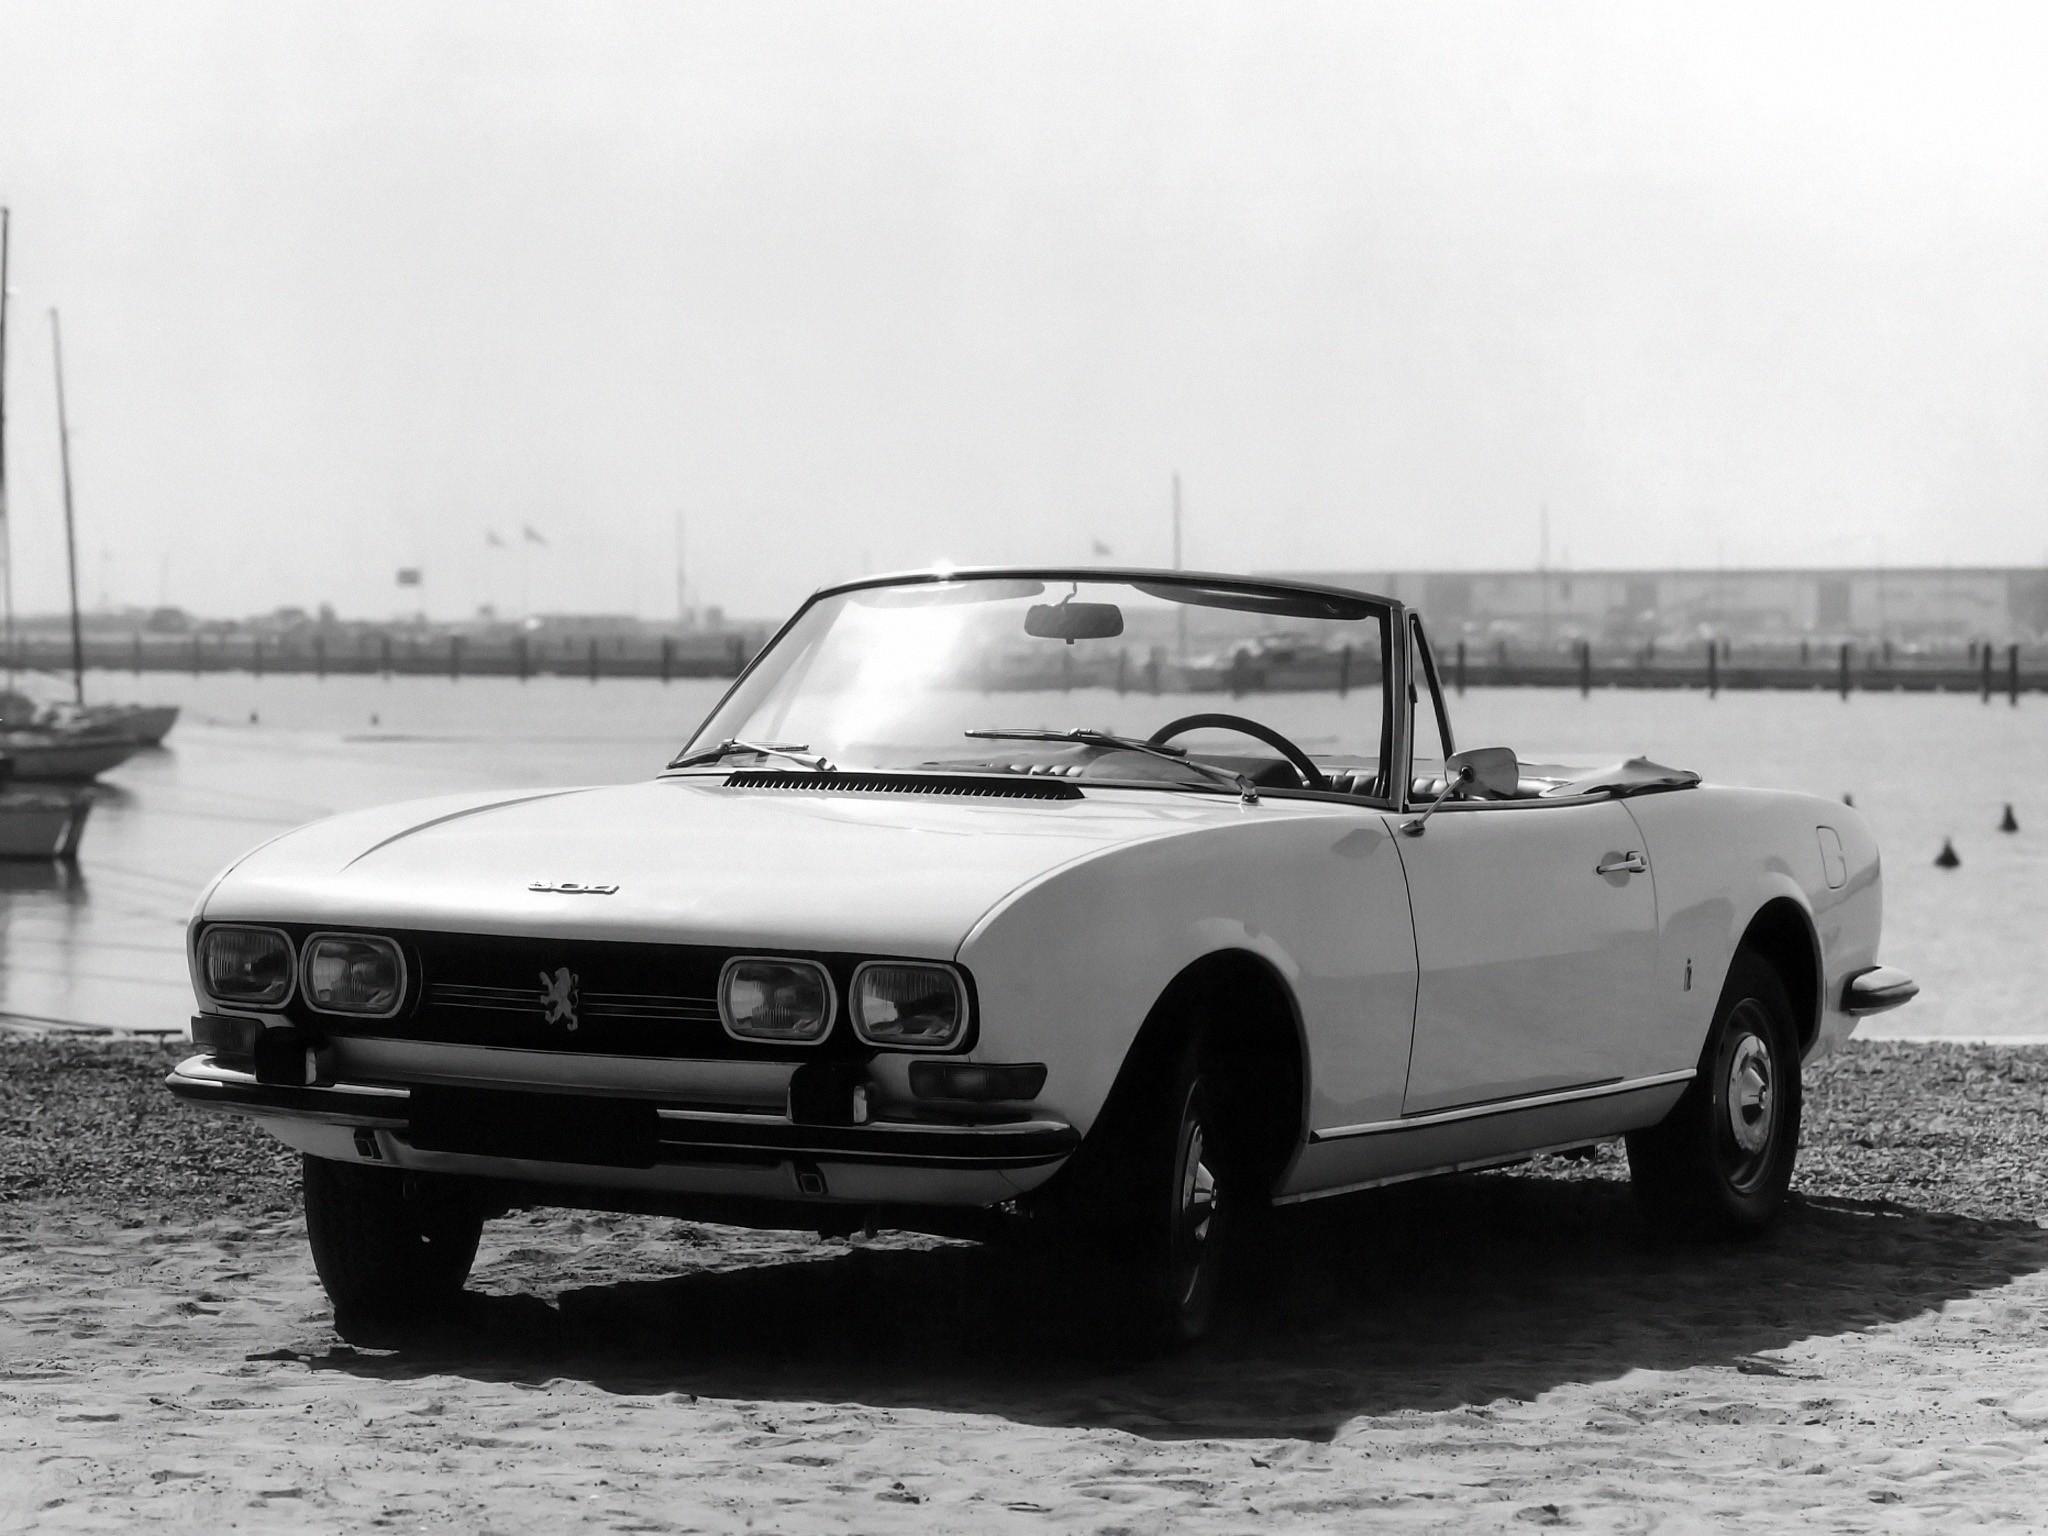 Cheap Car Finder >> PEUGEOT 504 Cabriolet specs - 1974, 1975, 1976, 1977, 1978, 1979, 1980, 1981, 1982 - autoevolution